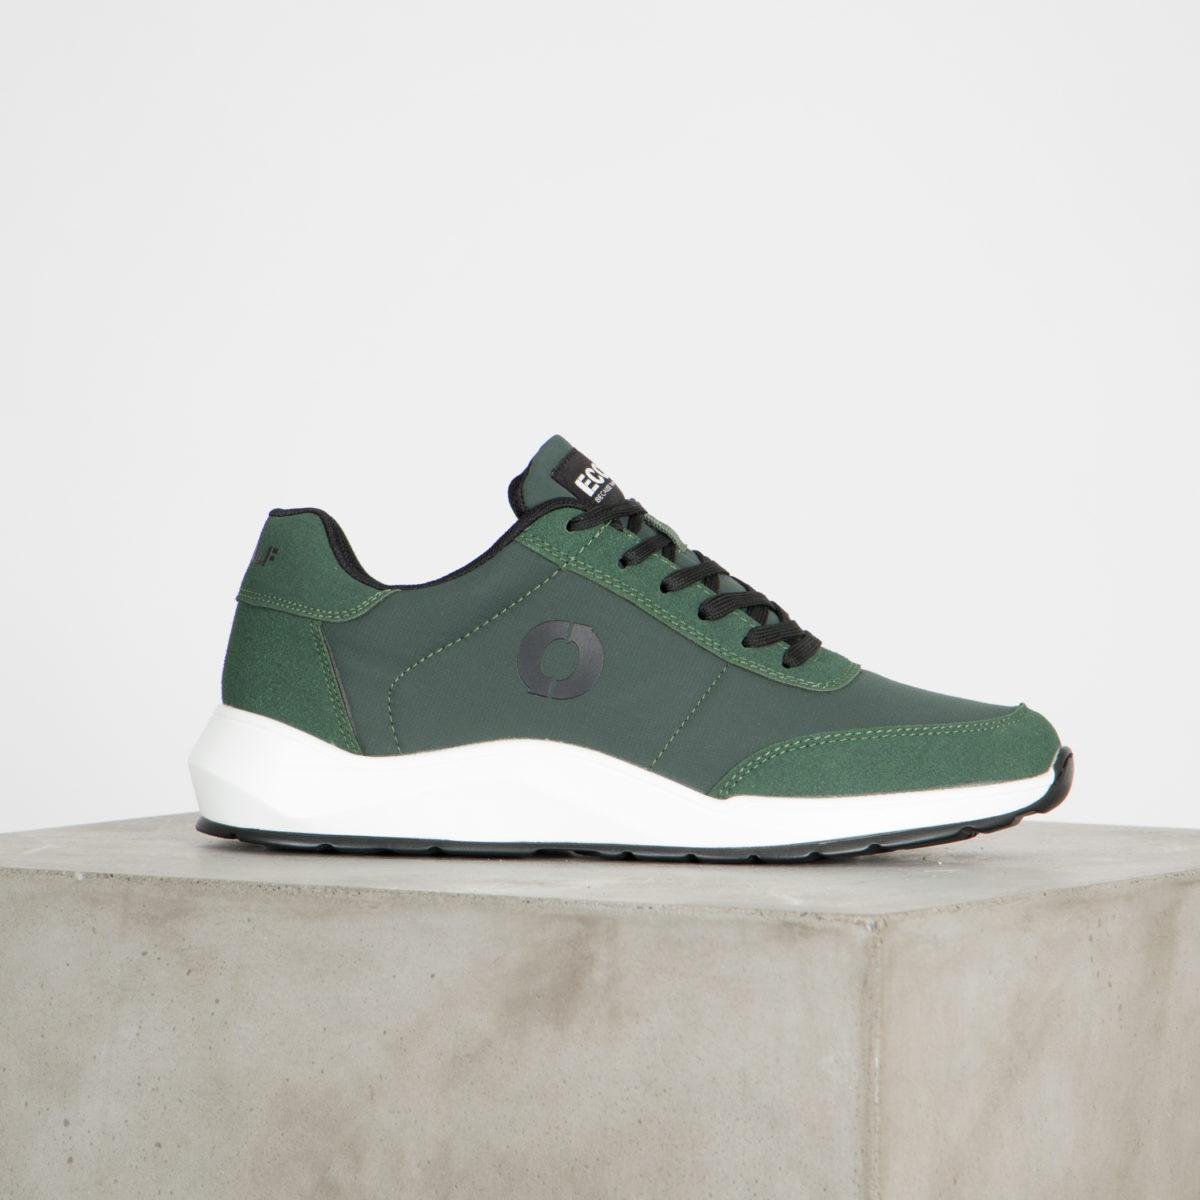 Veganska sneaker Anthon Urban green från Ecoalf tillverkade av återvunna material.